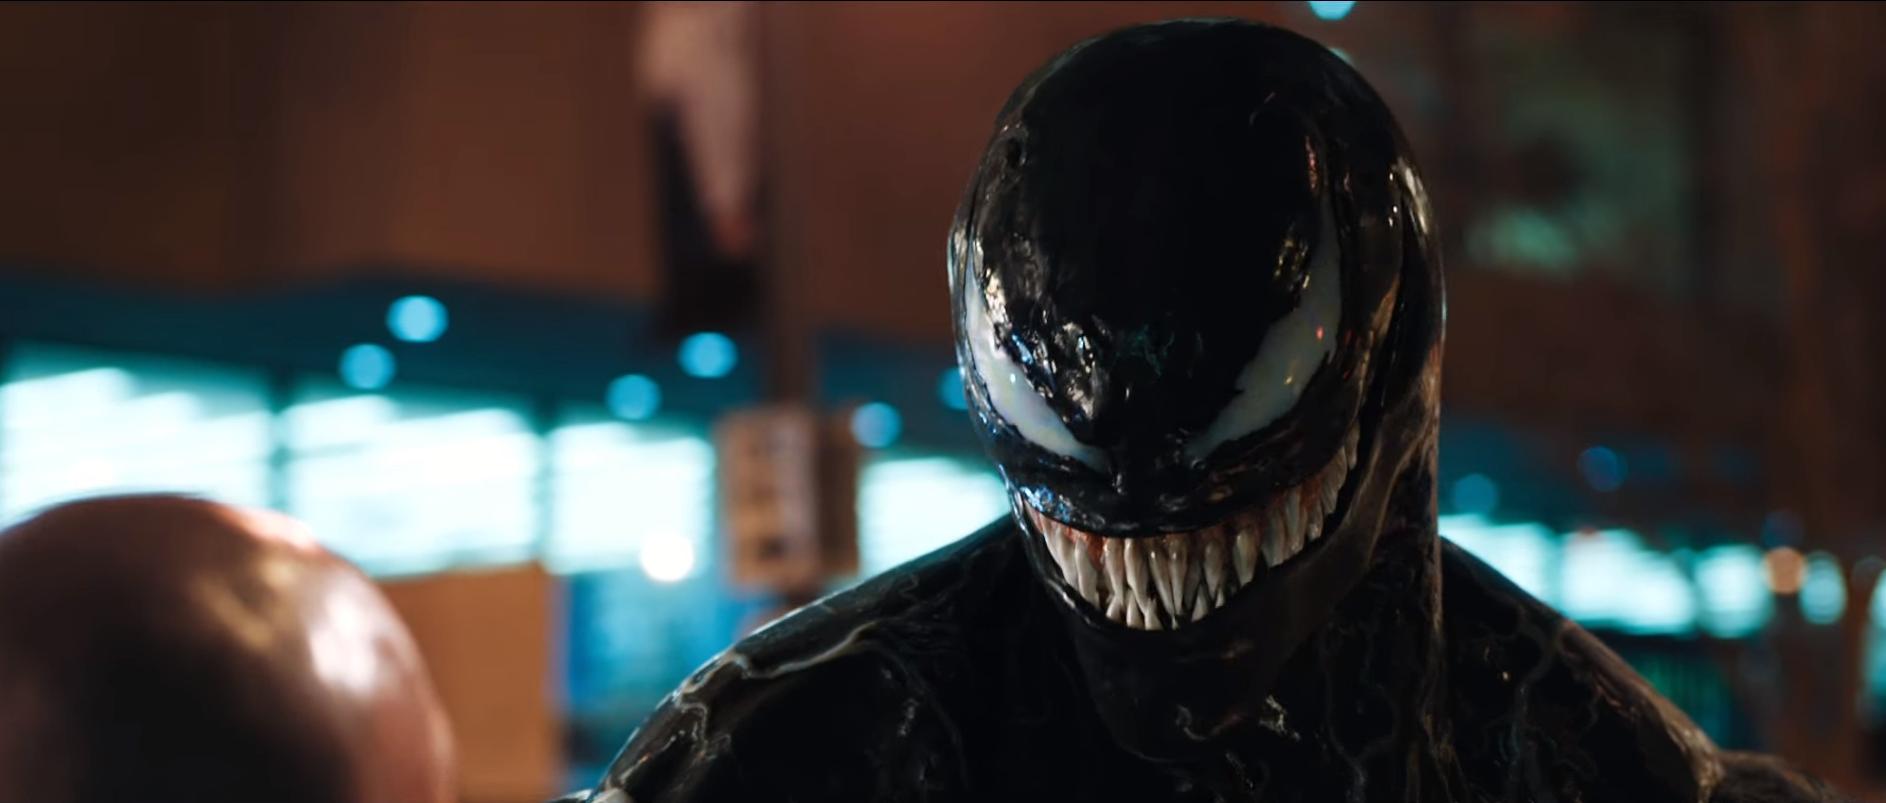 Sướng mắt ngắm phản diện Venom cực ngầu, vừa bạo lực trong thính nóng vừa tung - Ảnh 4.